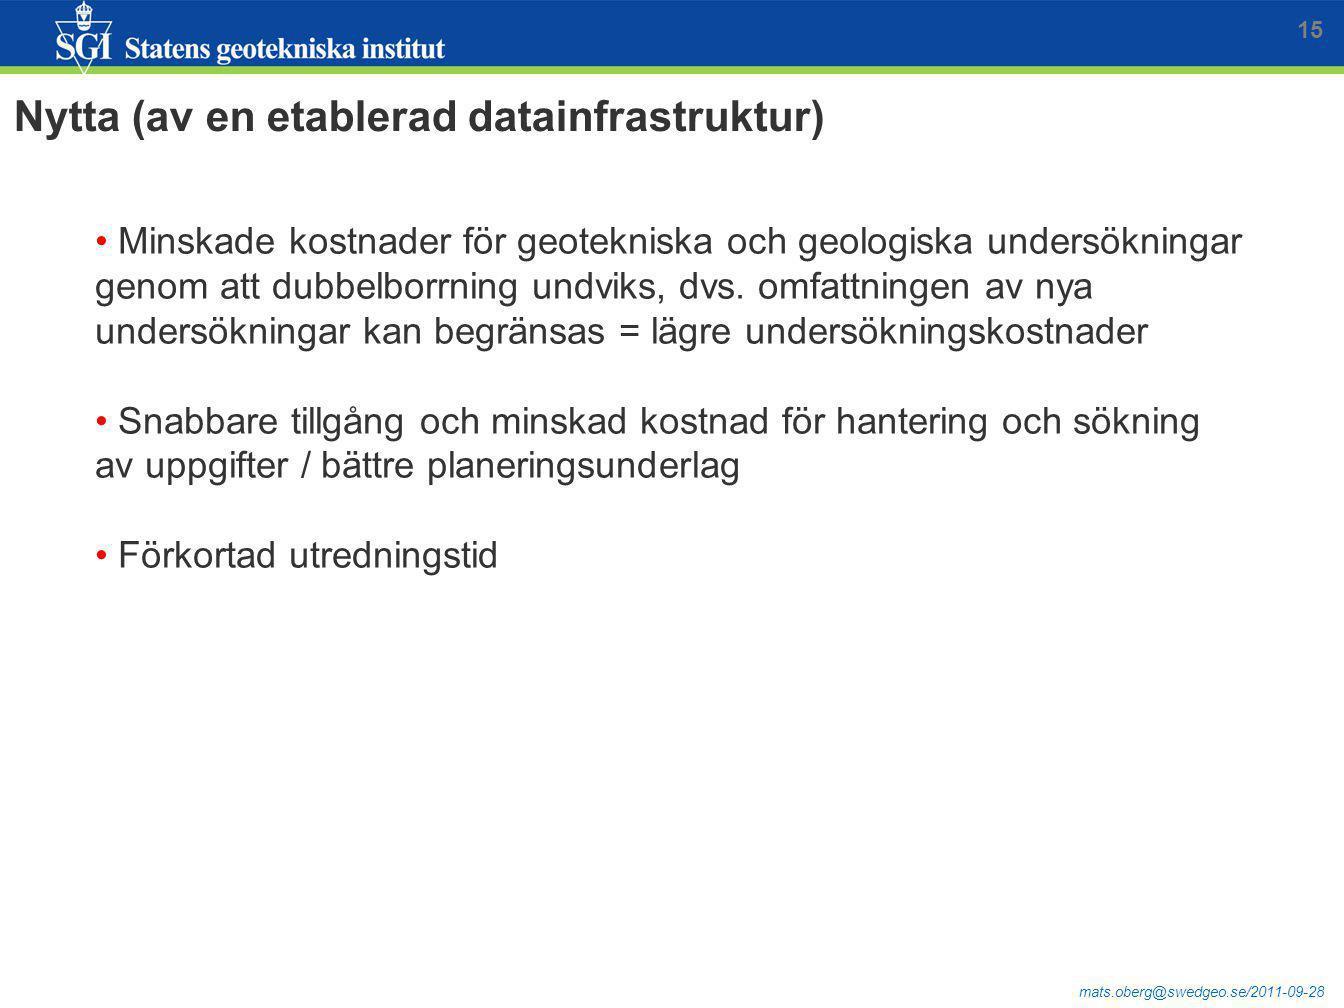 Nytta (av en etablerad datainfrastruktur)